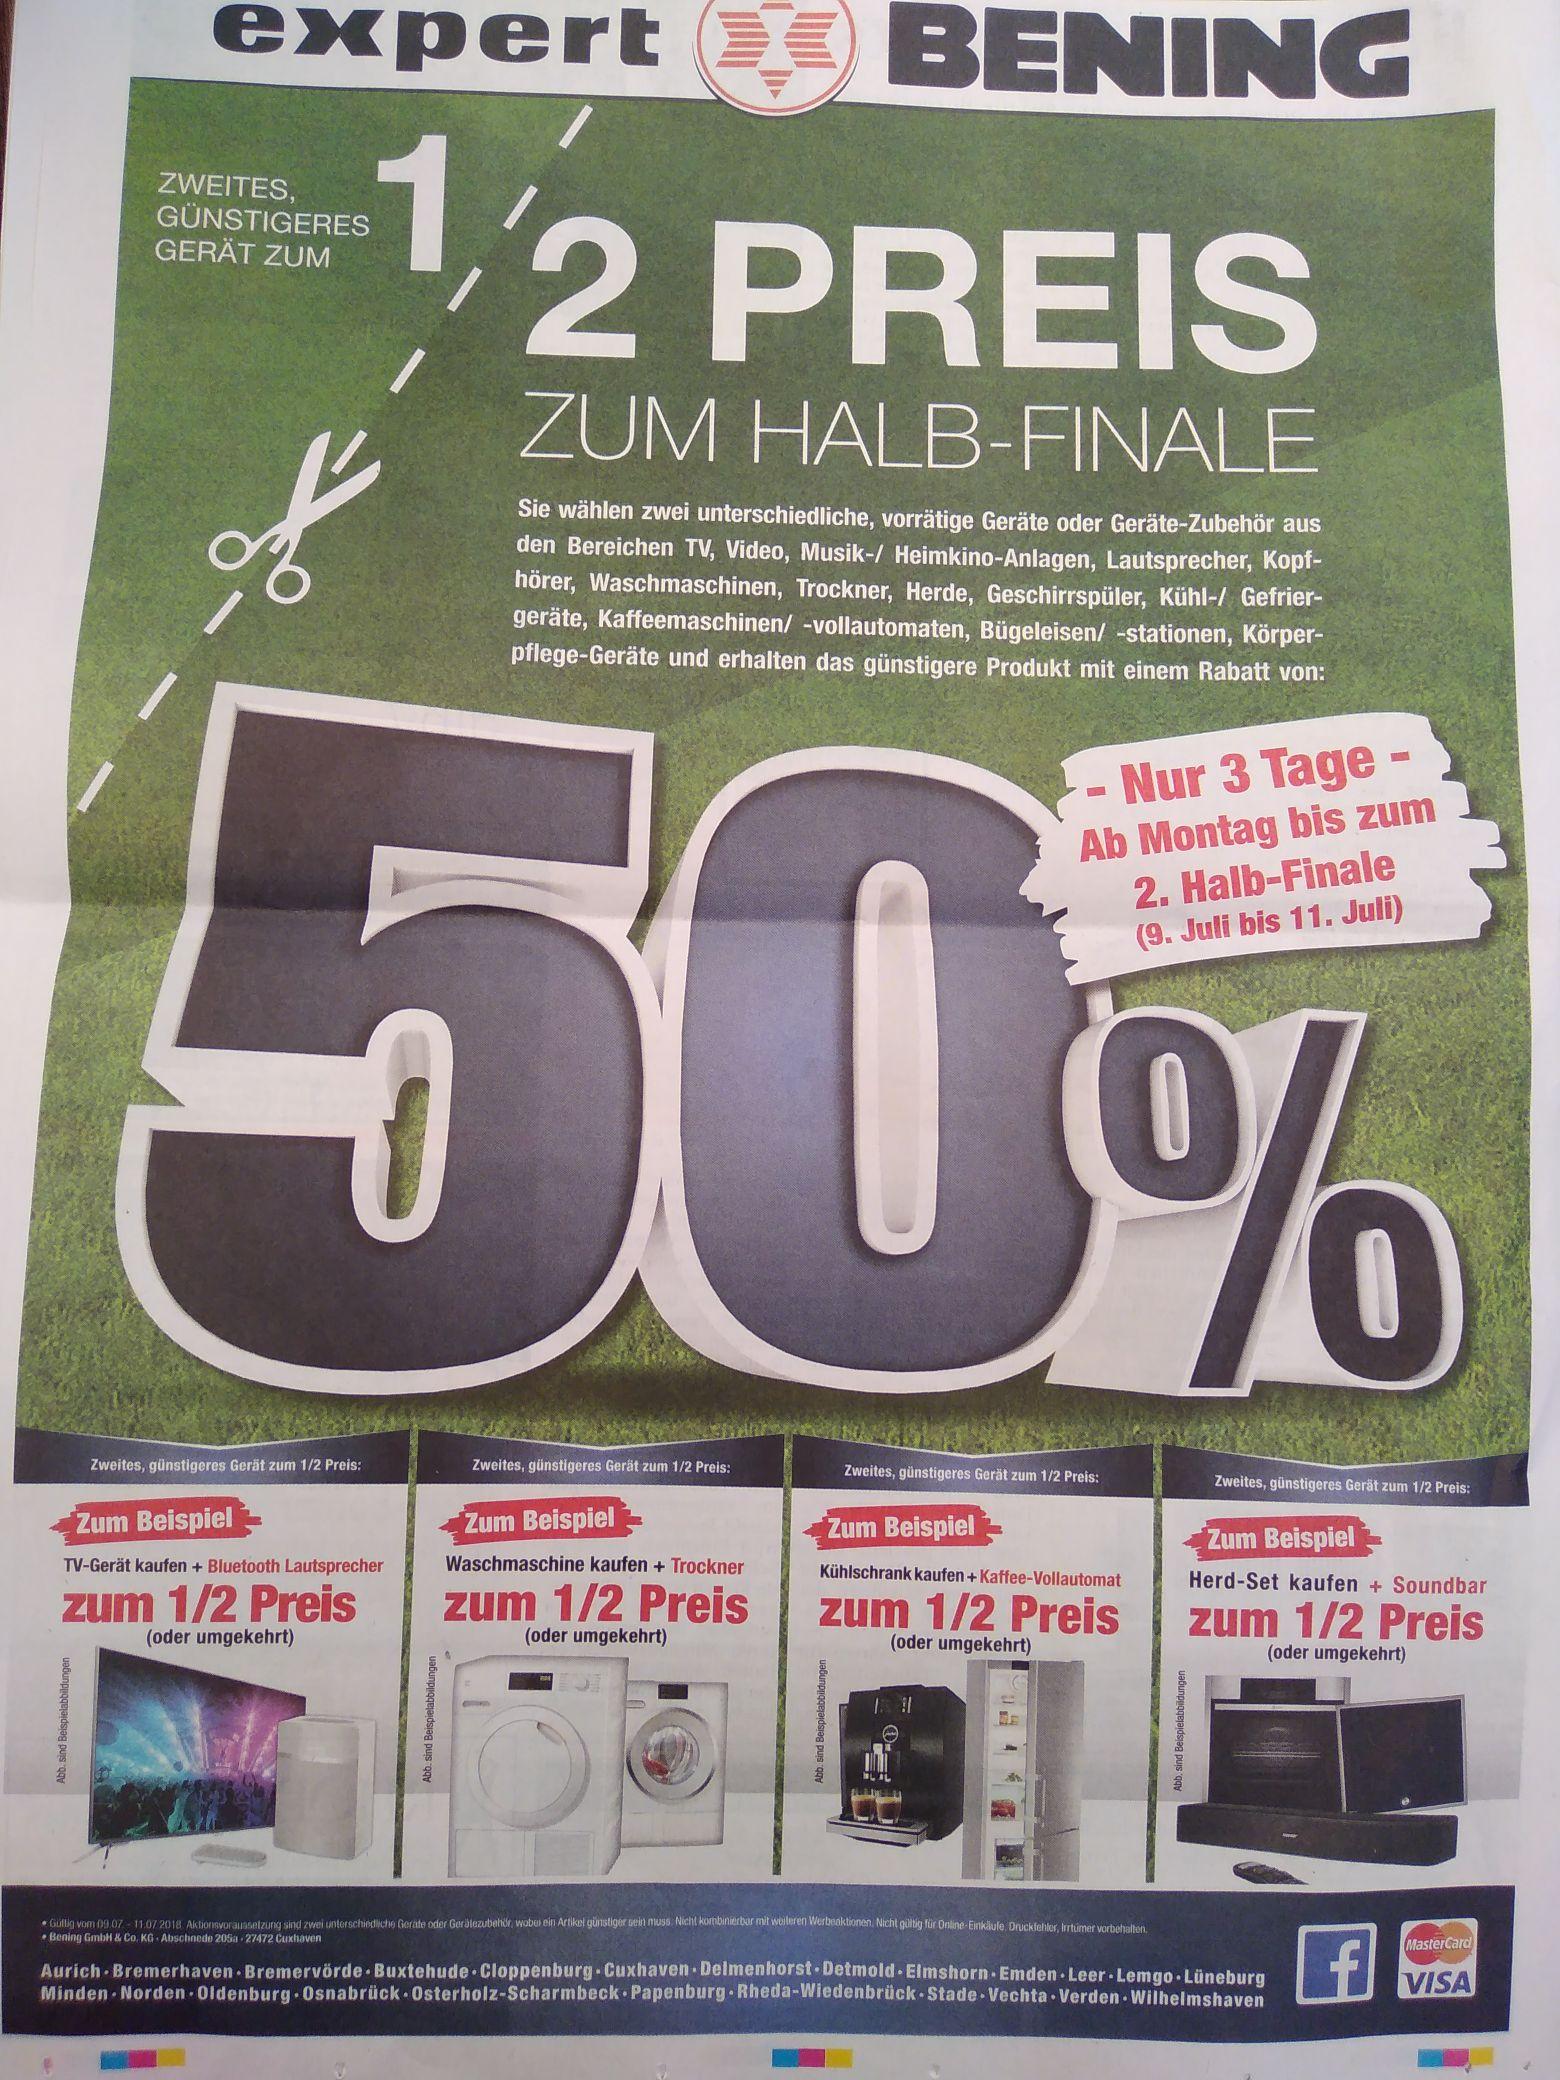 """[Regional Expert Bening] Aktion"""" zweites, günstigeres Gerät zum 1/2 Preis"""" = bis zu 25% Rabatt"""